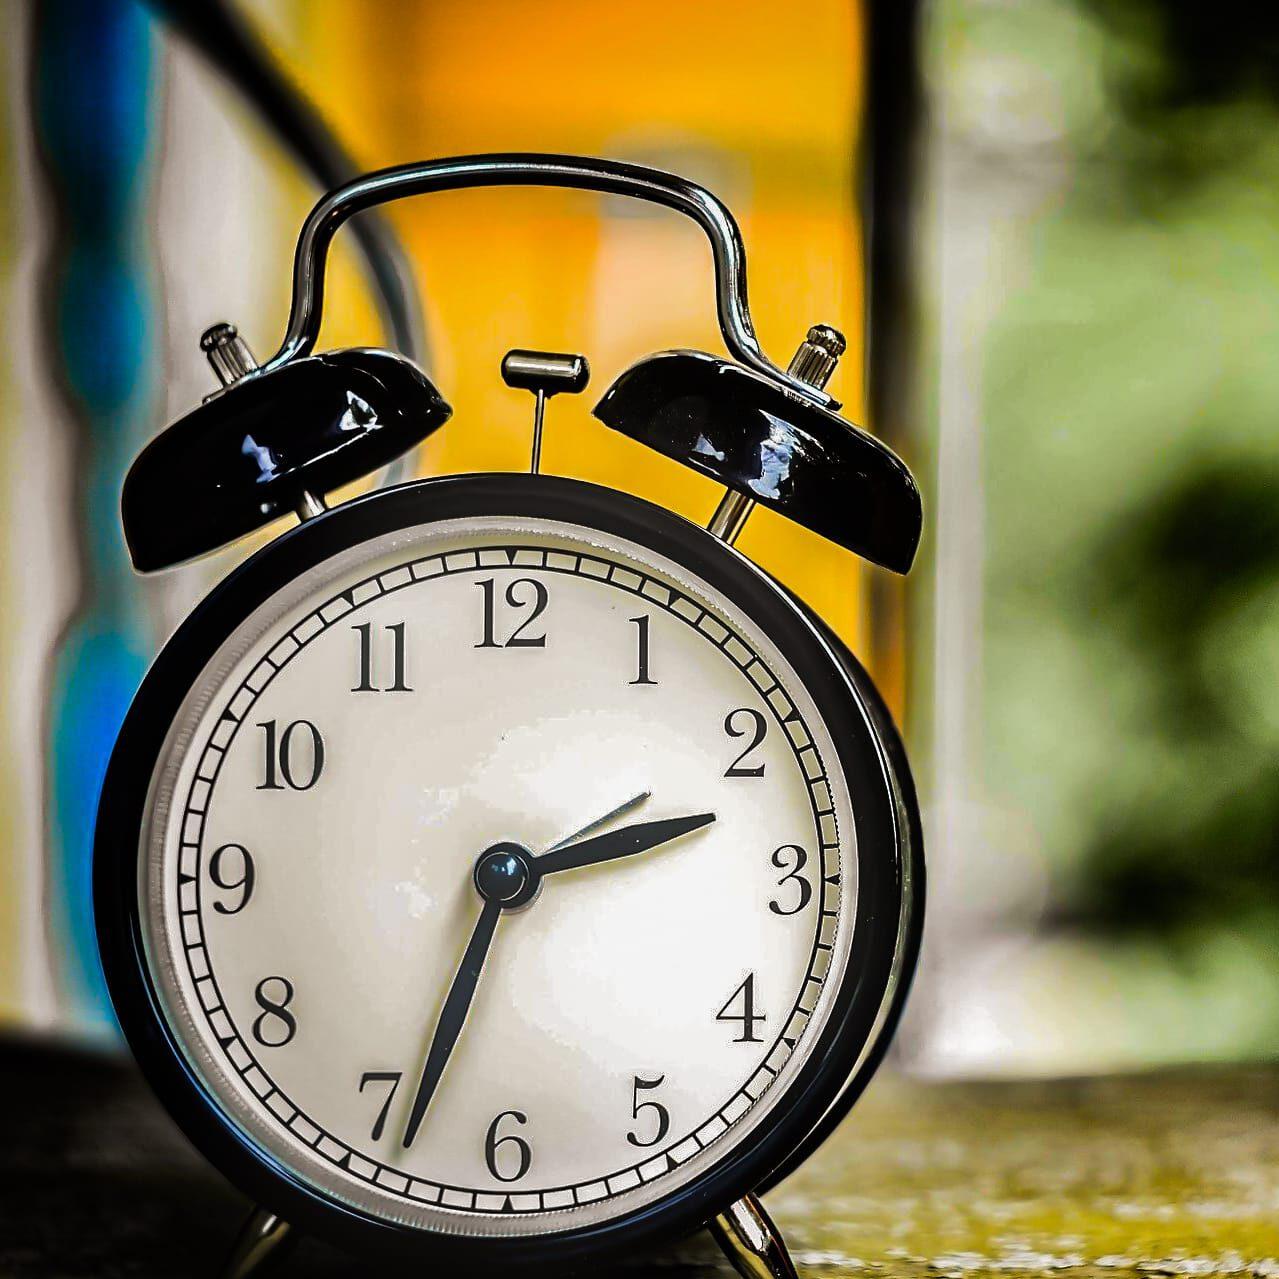 Gute Ausreden für Unpünktlichkeit